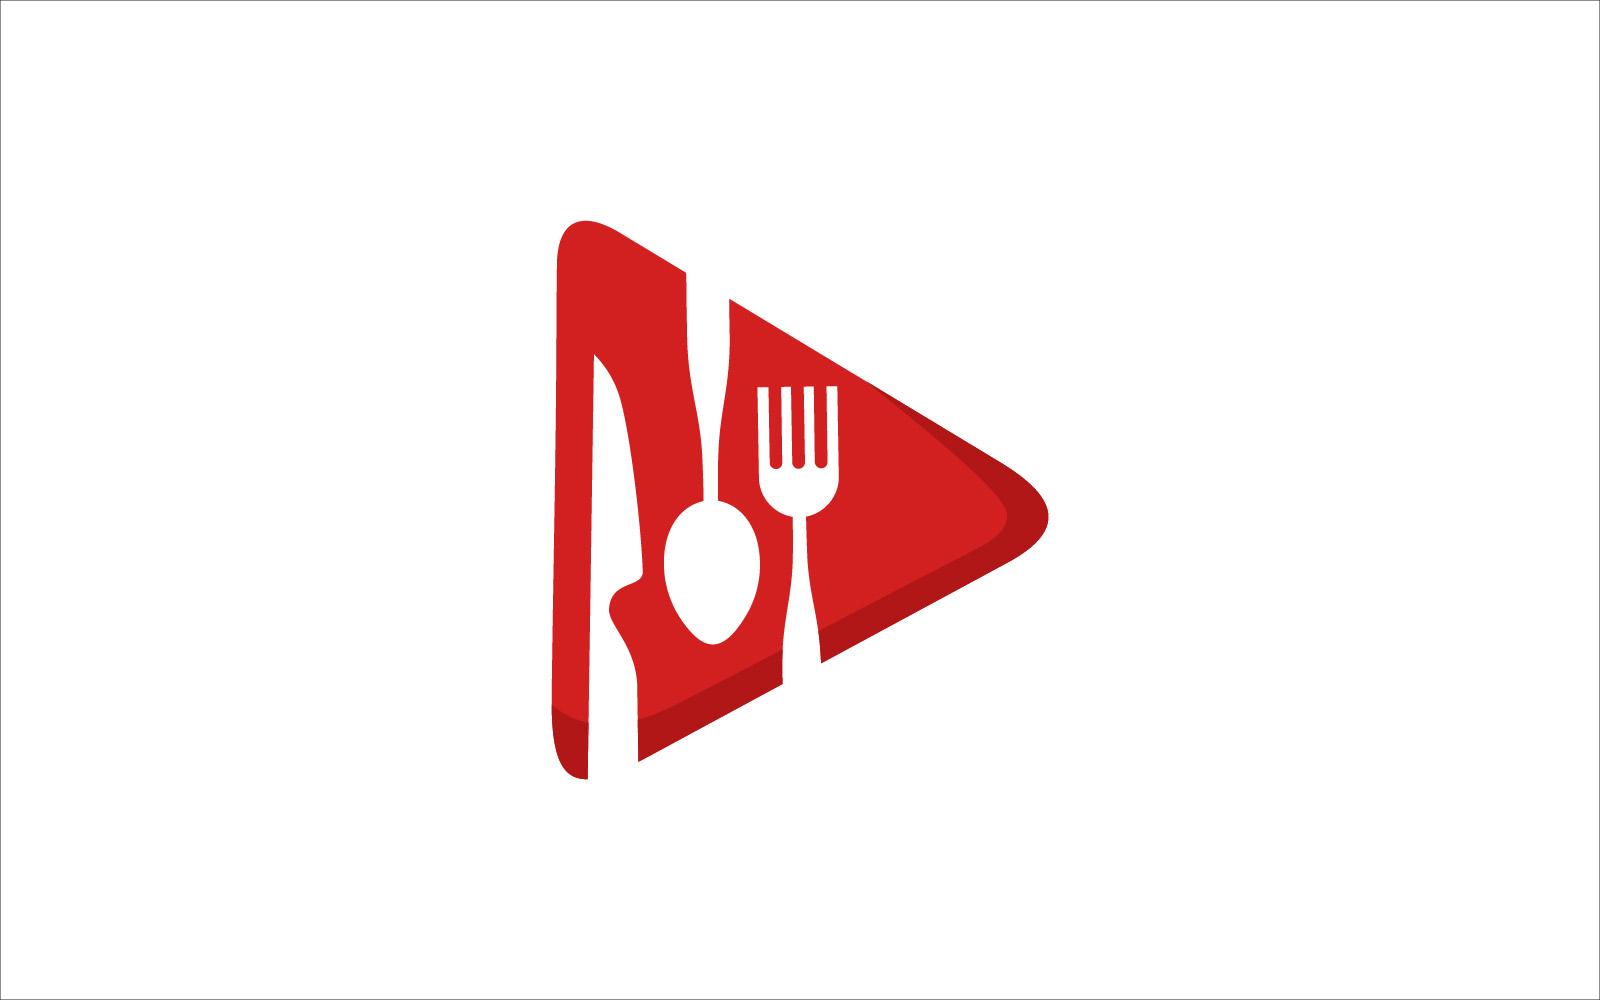 Plantillas de Logotipos